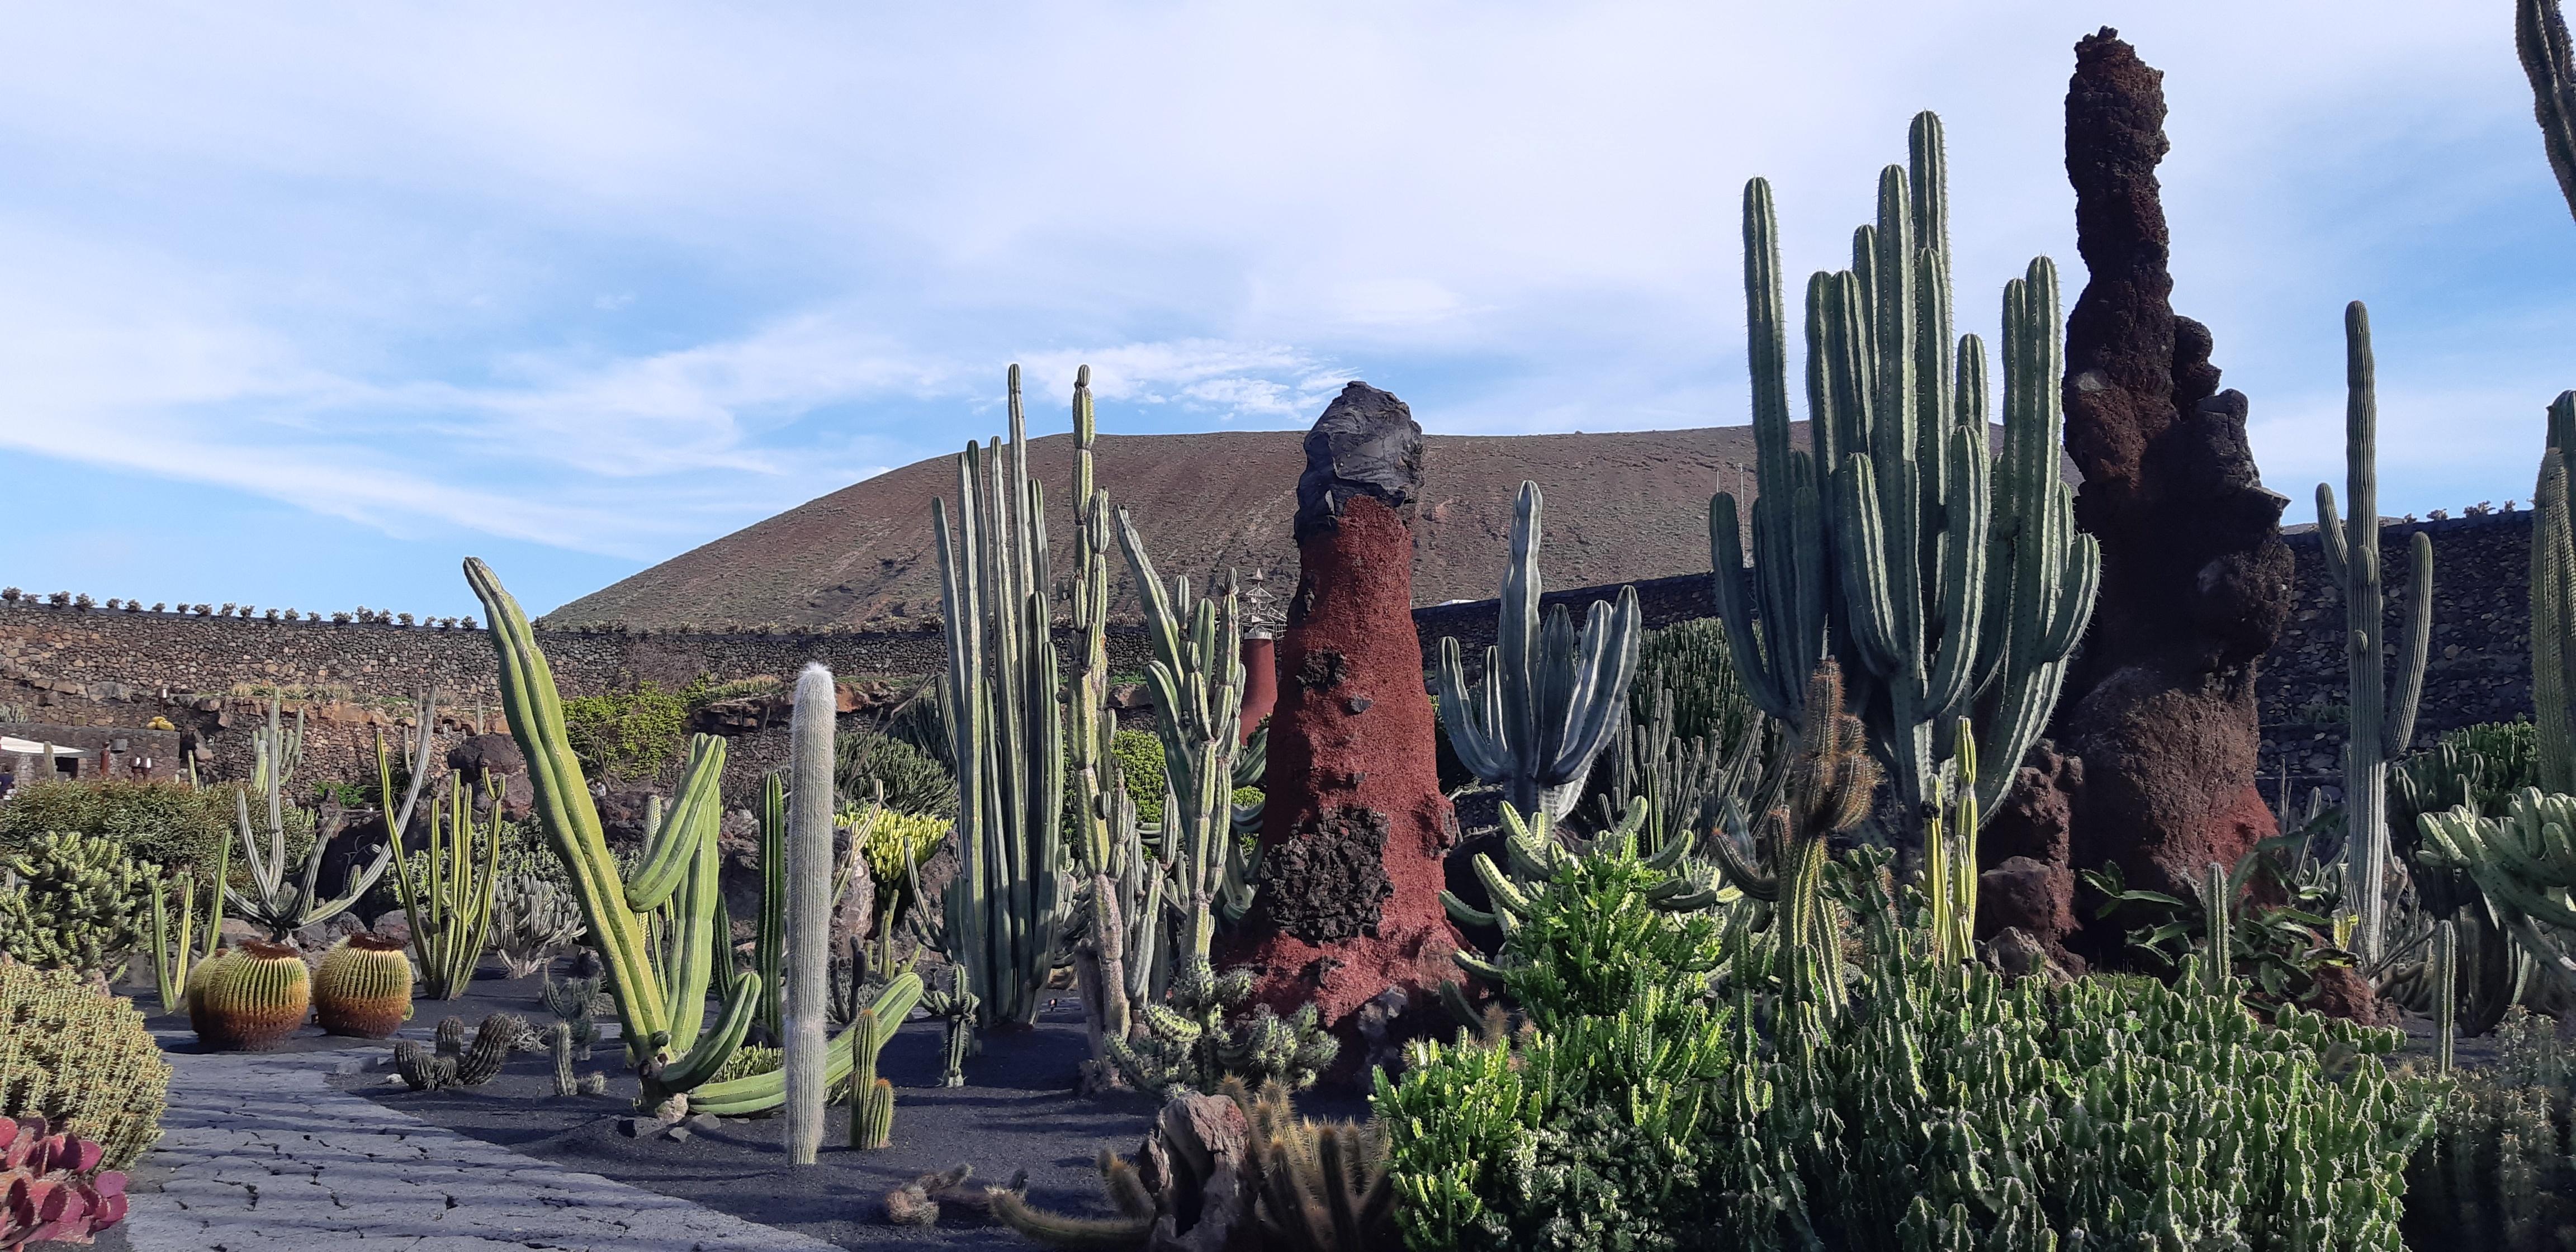 Lanzarote _ Jardin de Cactus_19.jpeg